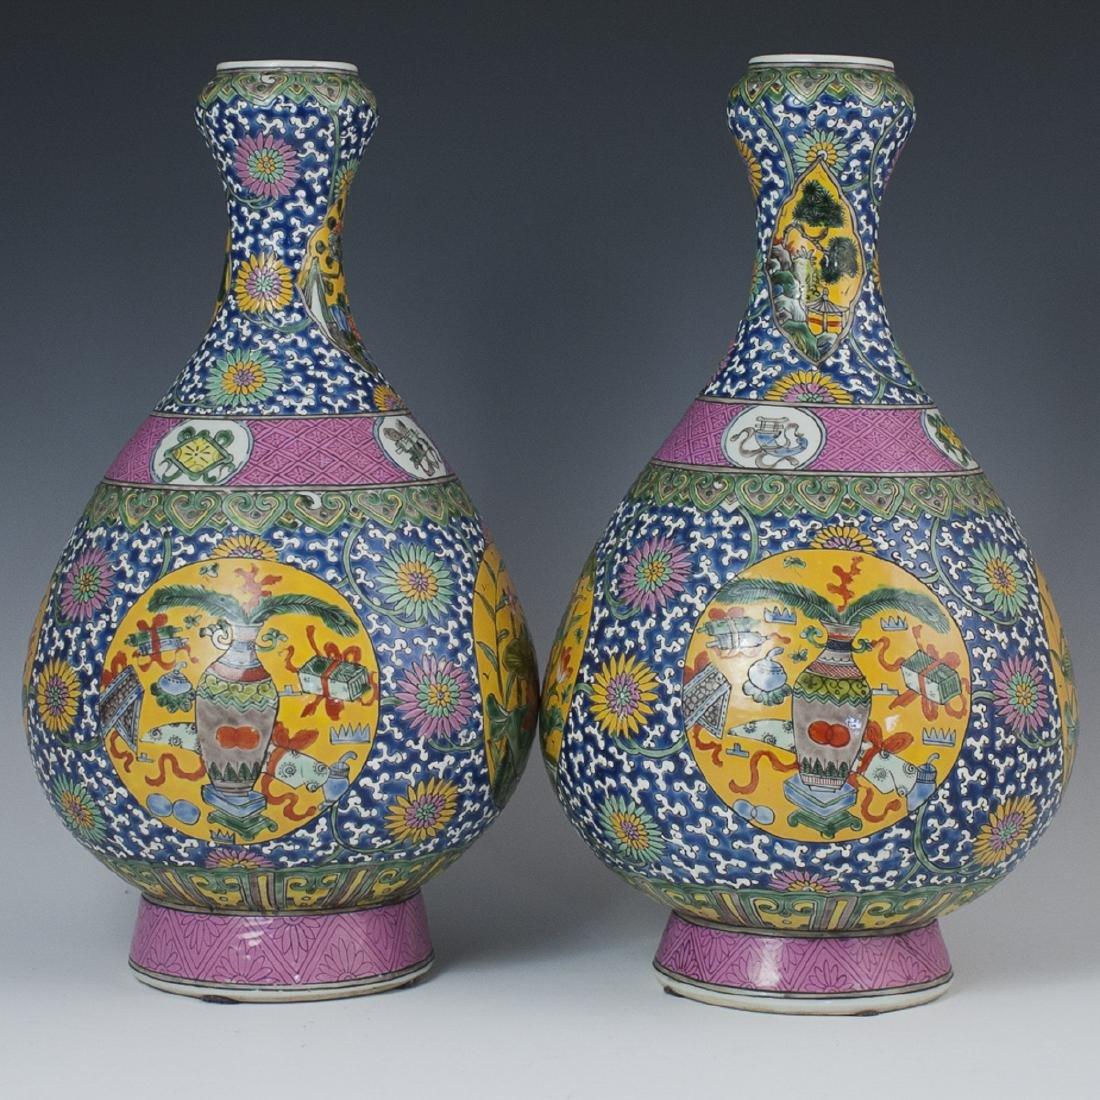 Chinese Enameled Porcelain Yuhuchunping Vases